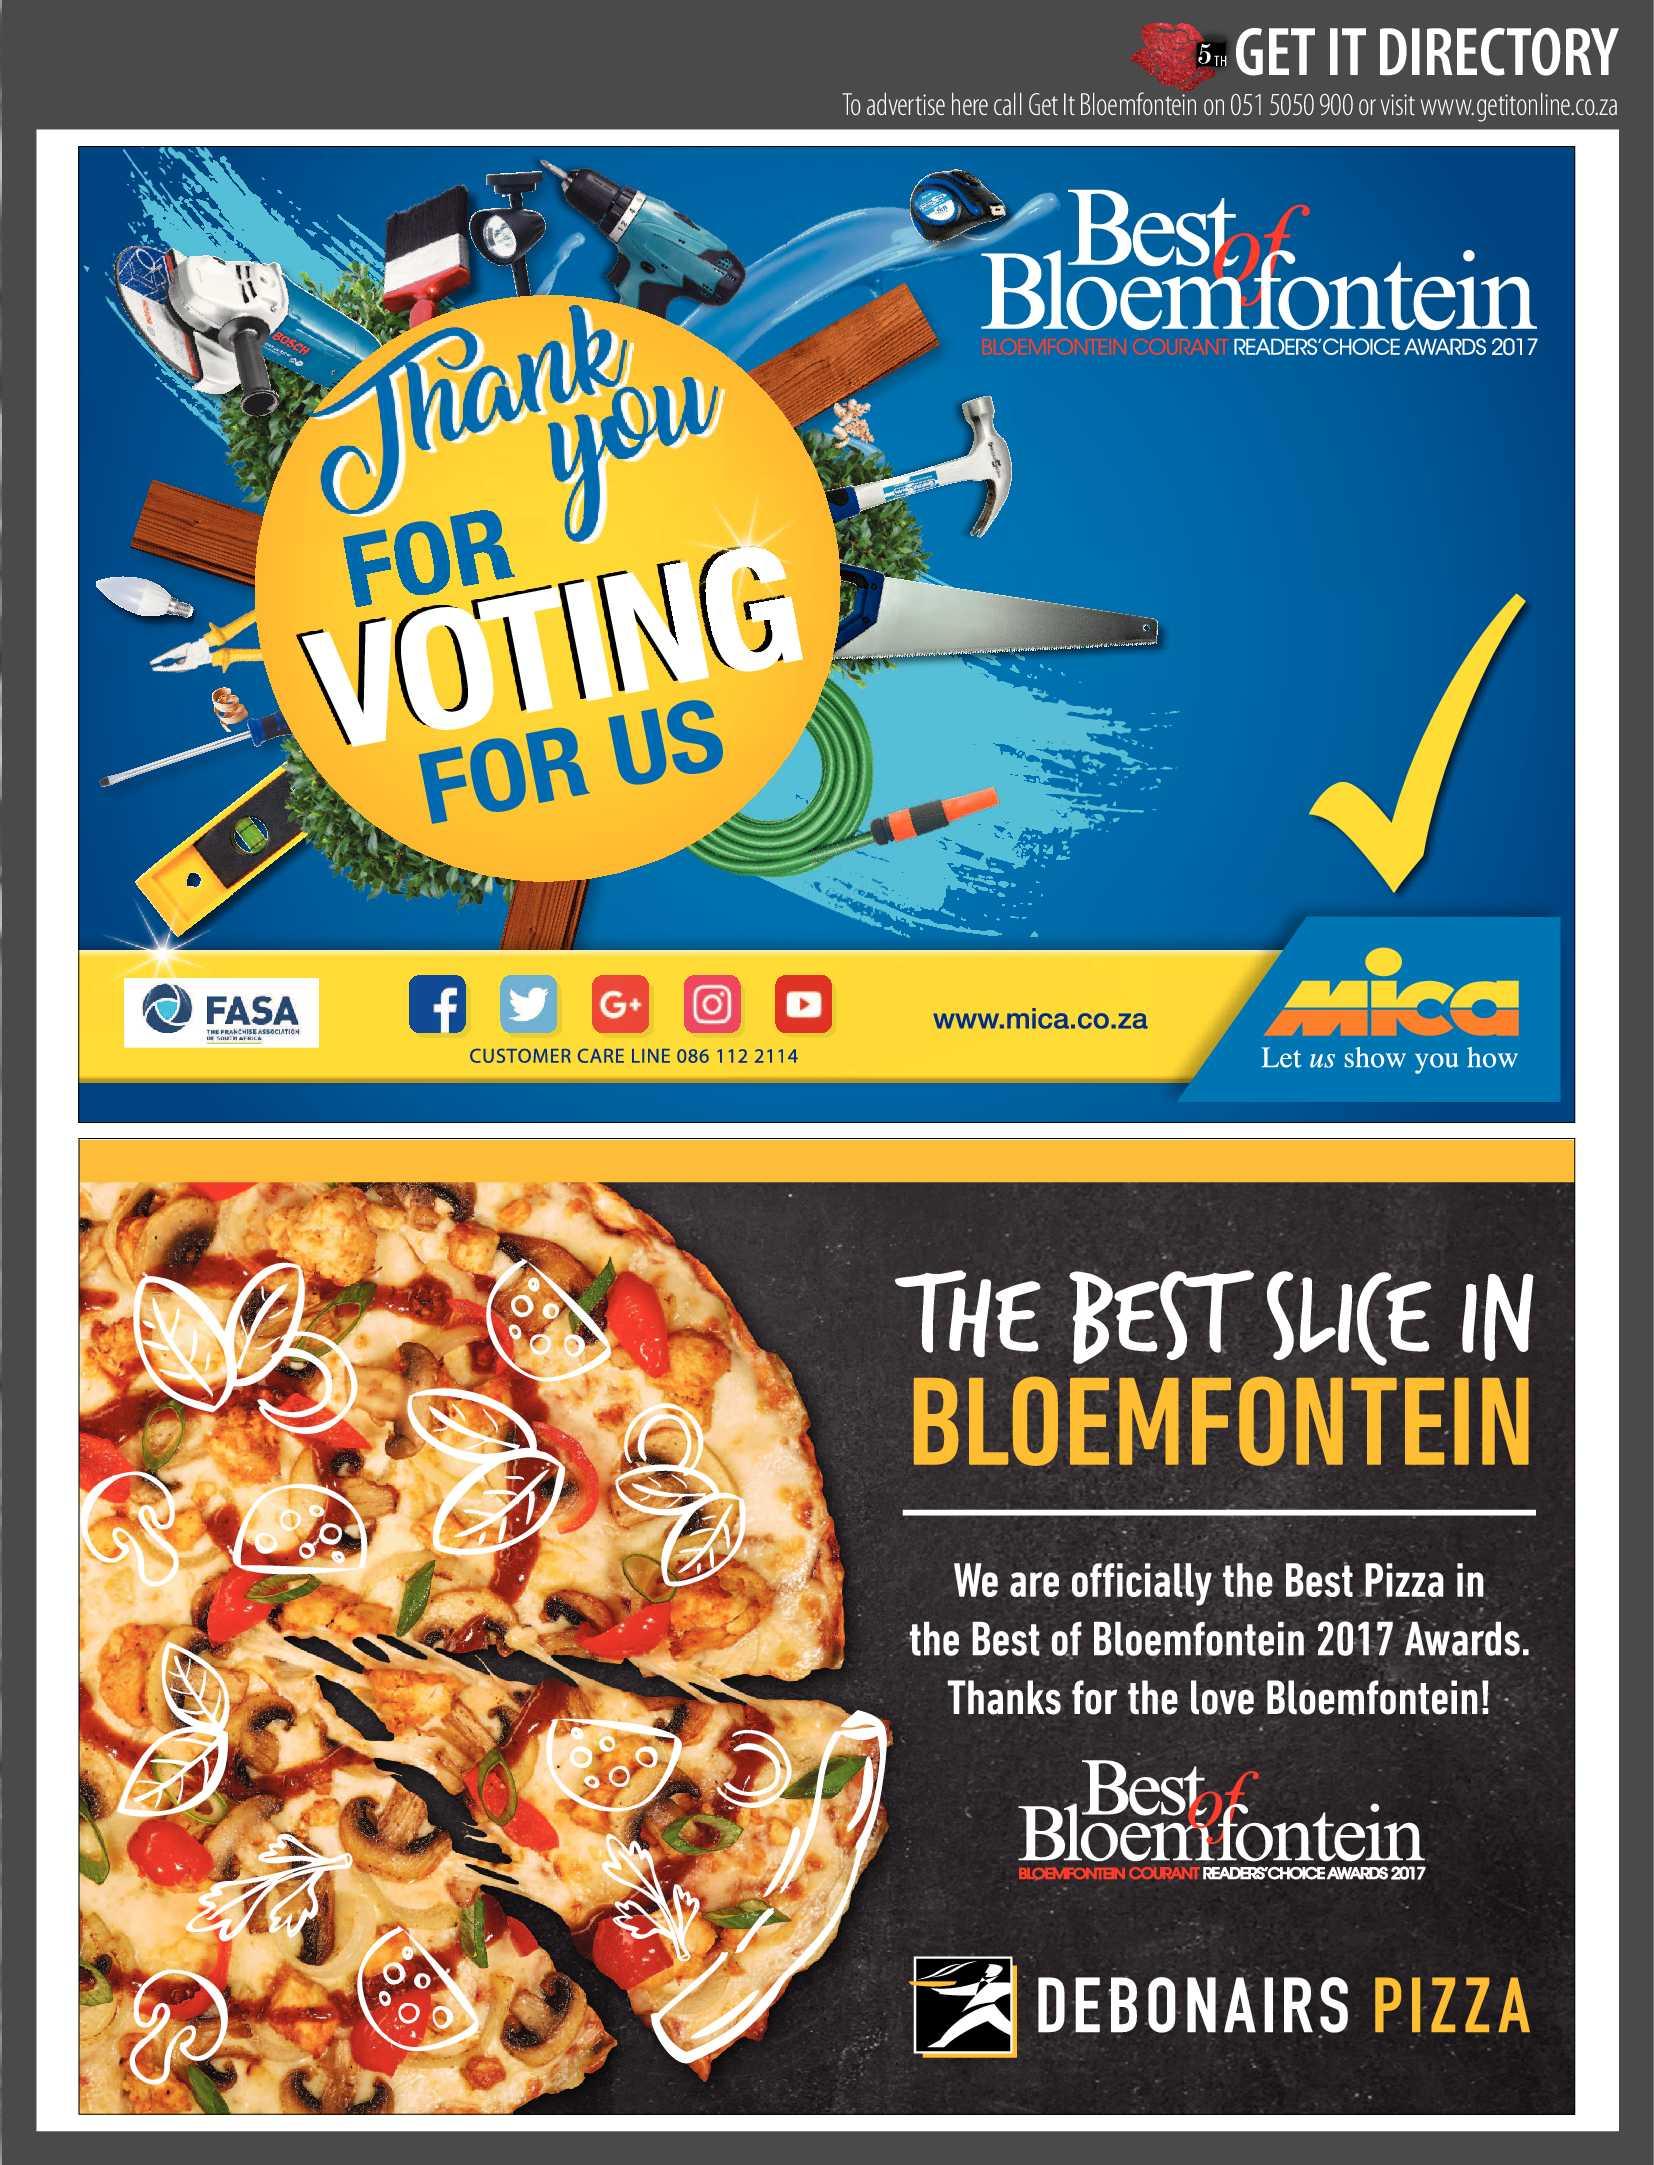 get-bloemfontein-november-2017-epapers-page-27